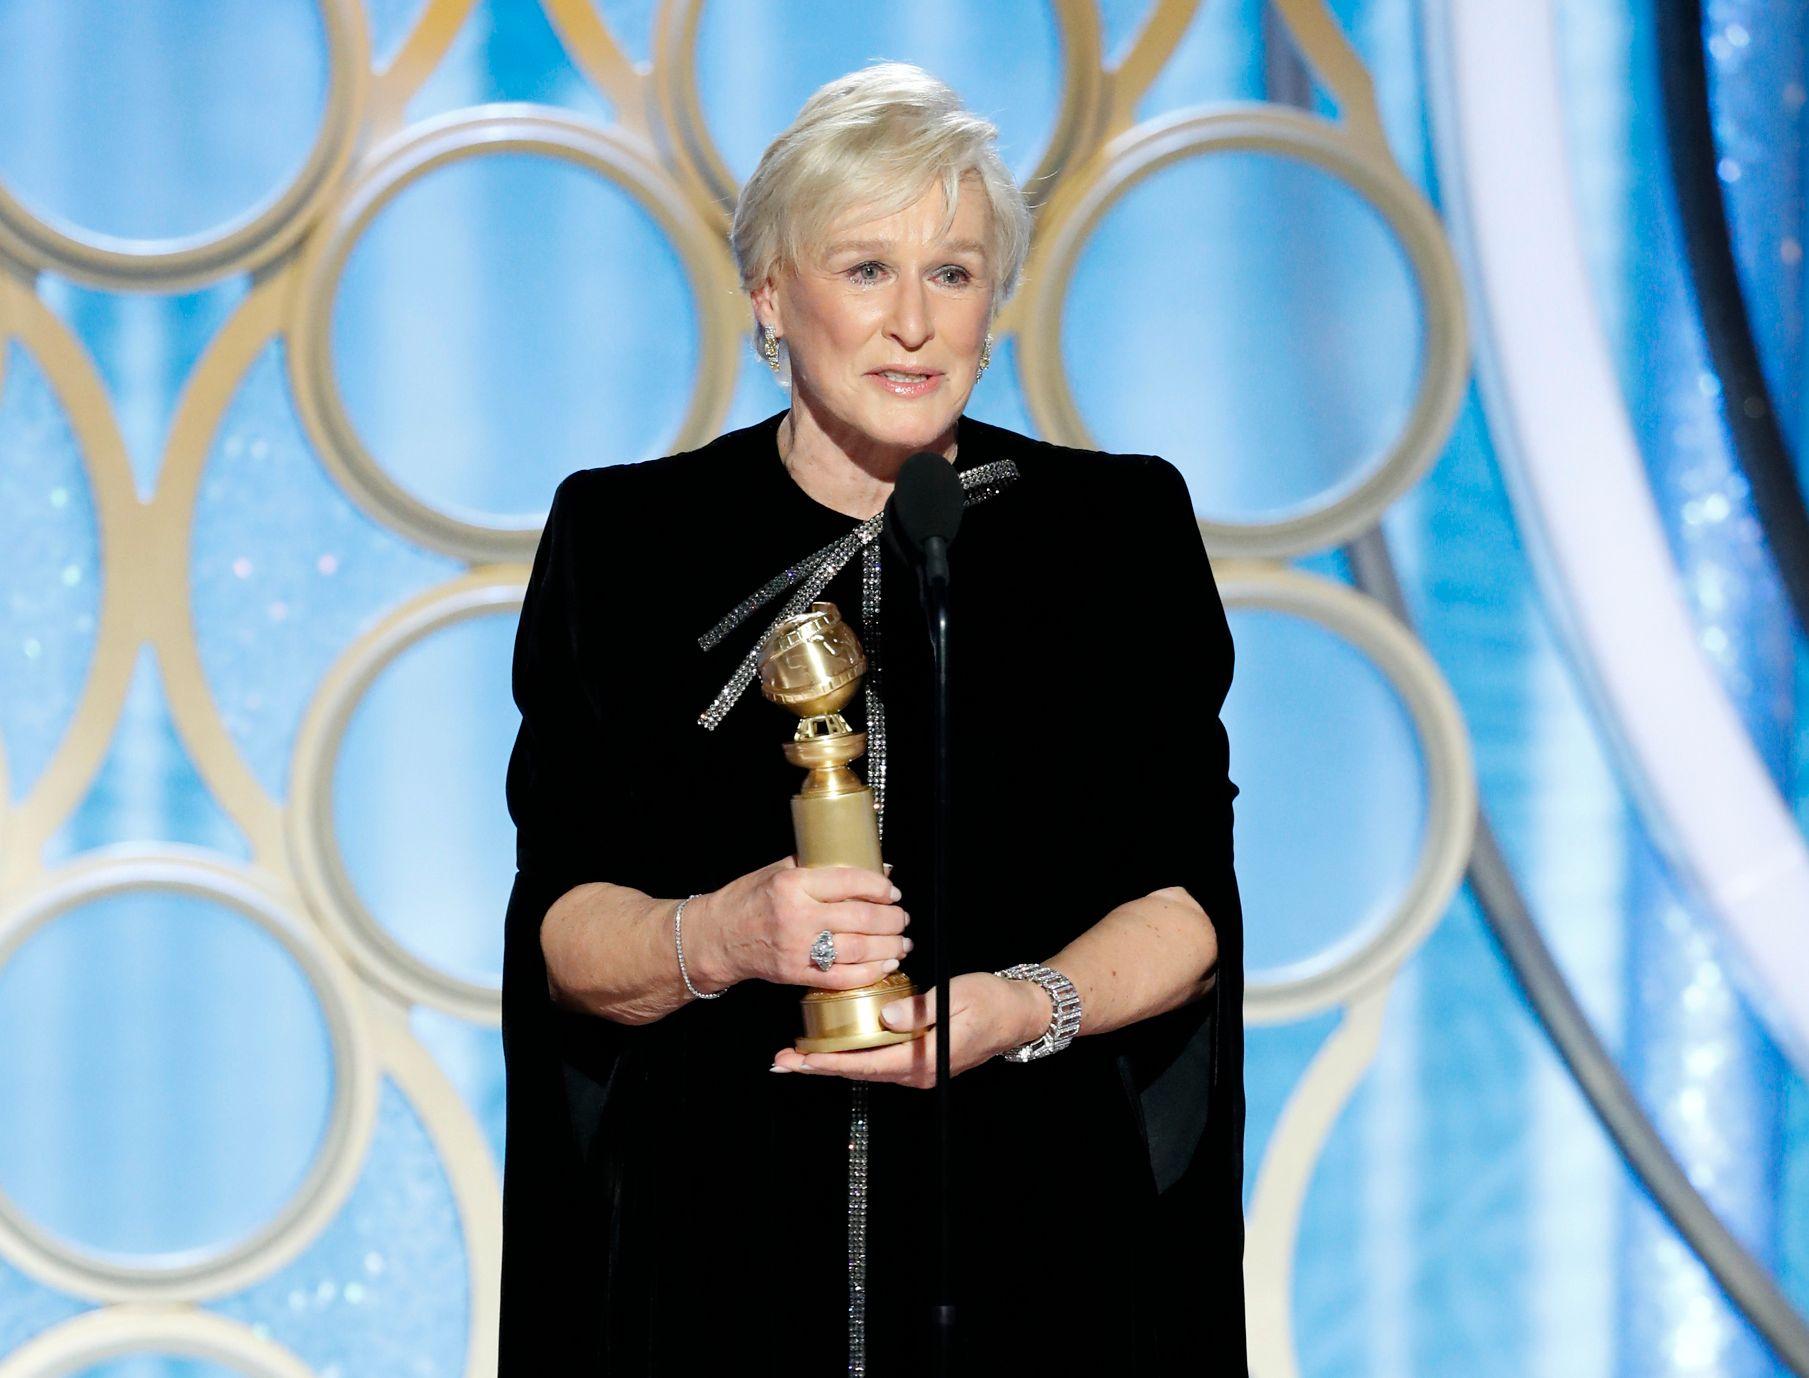 TÅREVÅTT: Glenn Close hyllet sin mor og felte noen tårer da hun takket for sin pris for «The Wife».